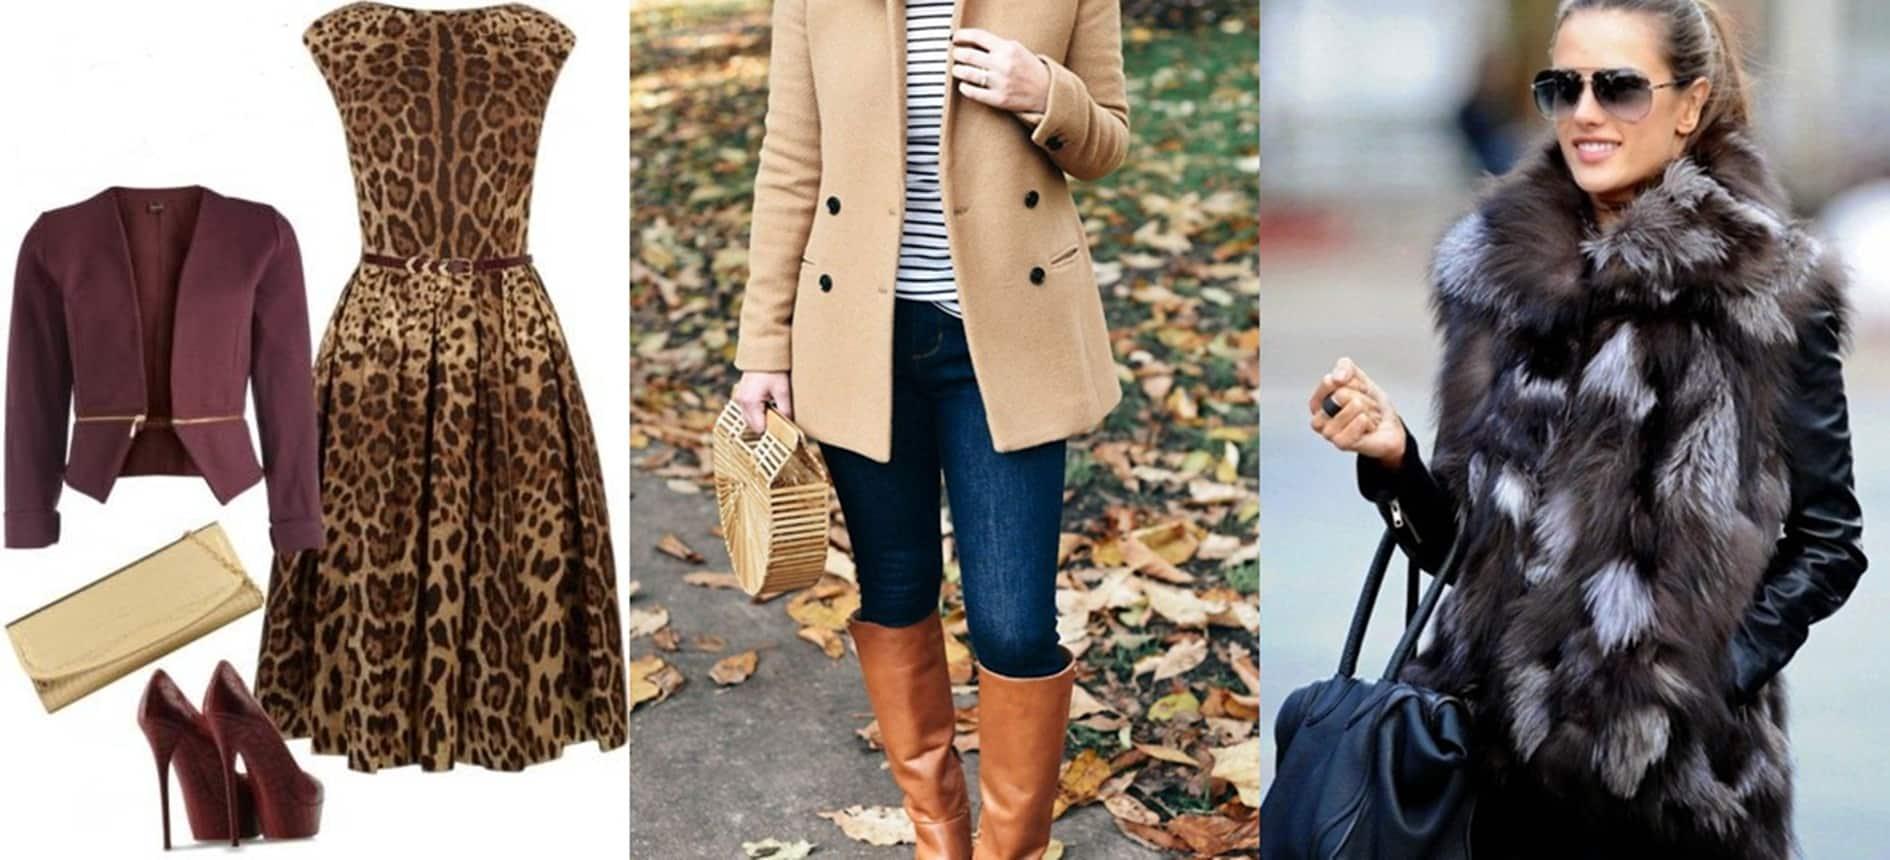 صور أفضل موديلات لأزياء الشتاء جميلة